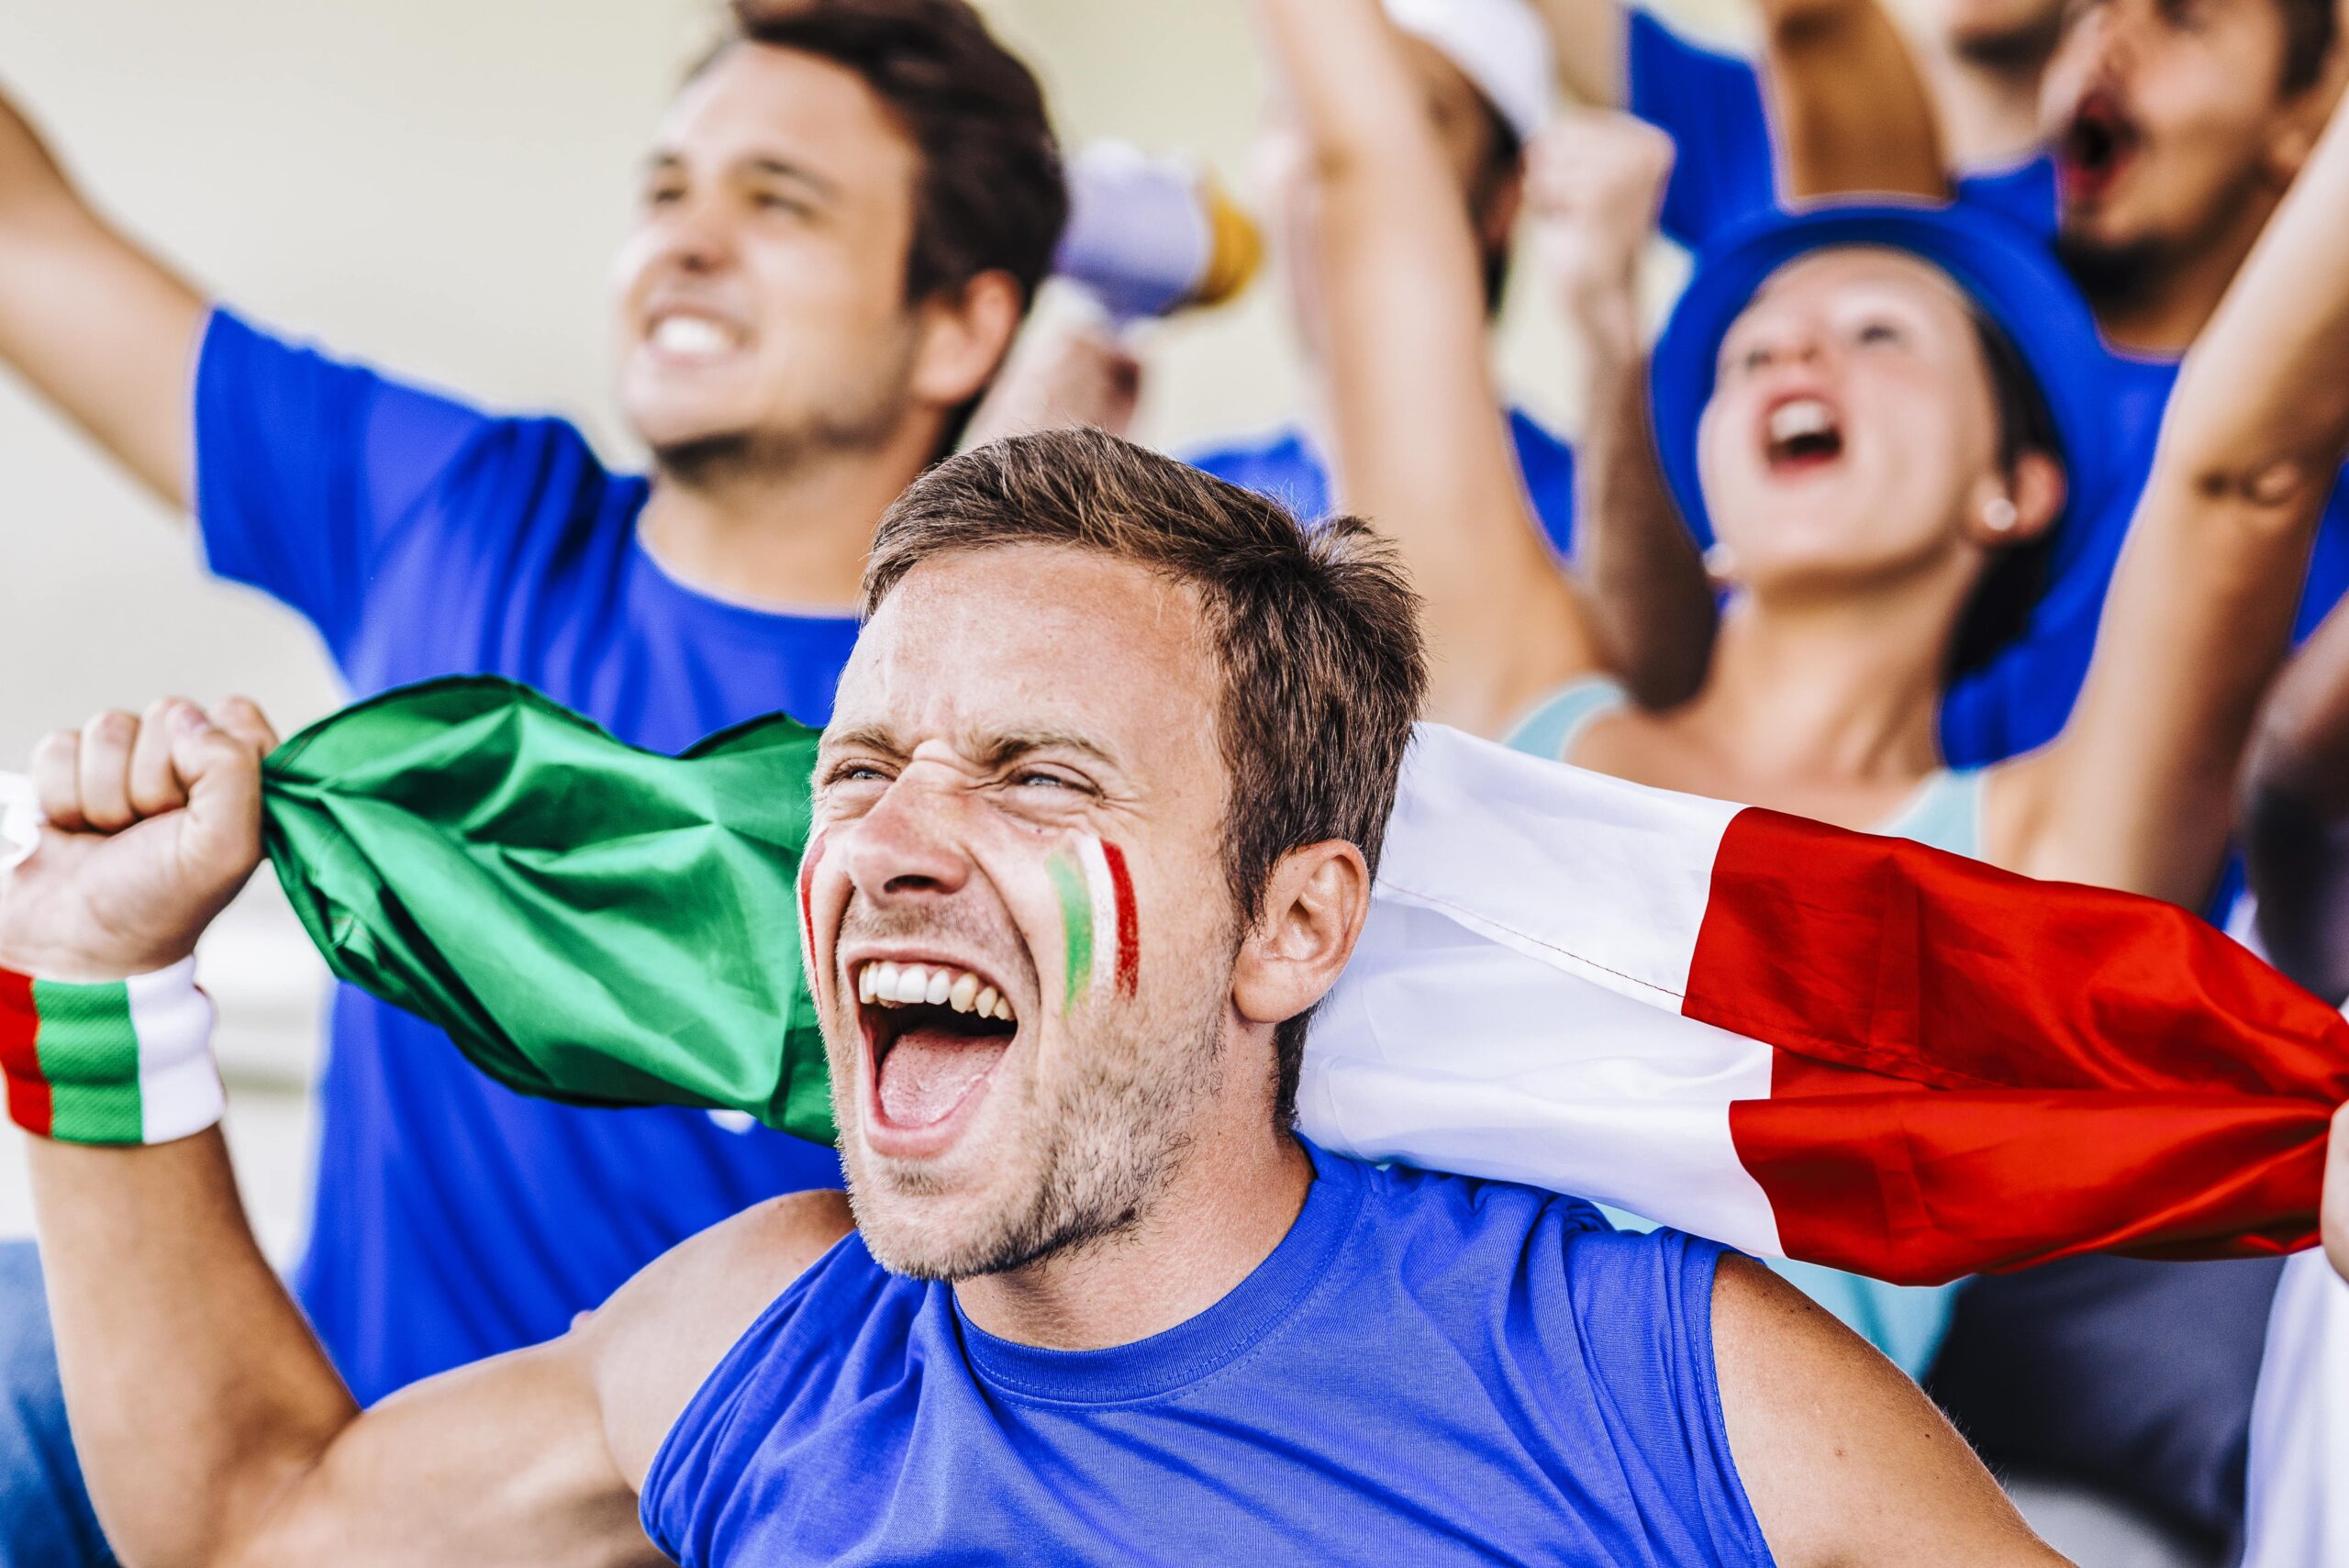 Europei di calcio: boom di ricerche per la maglia dell'Italia su Amazon thumbnail